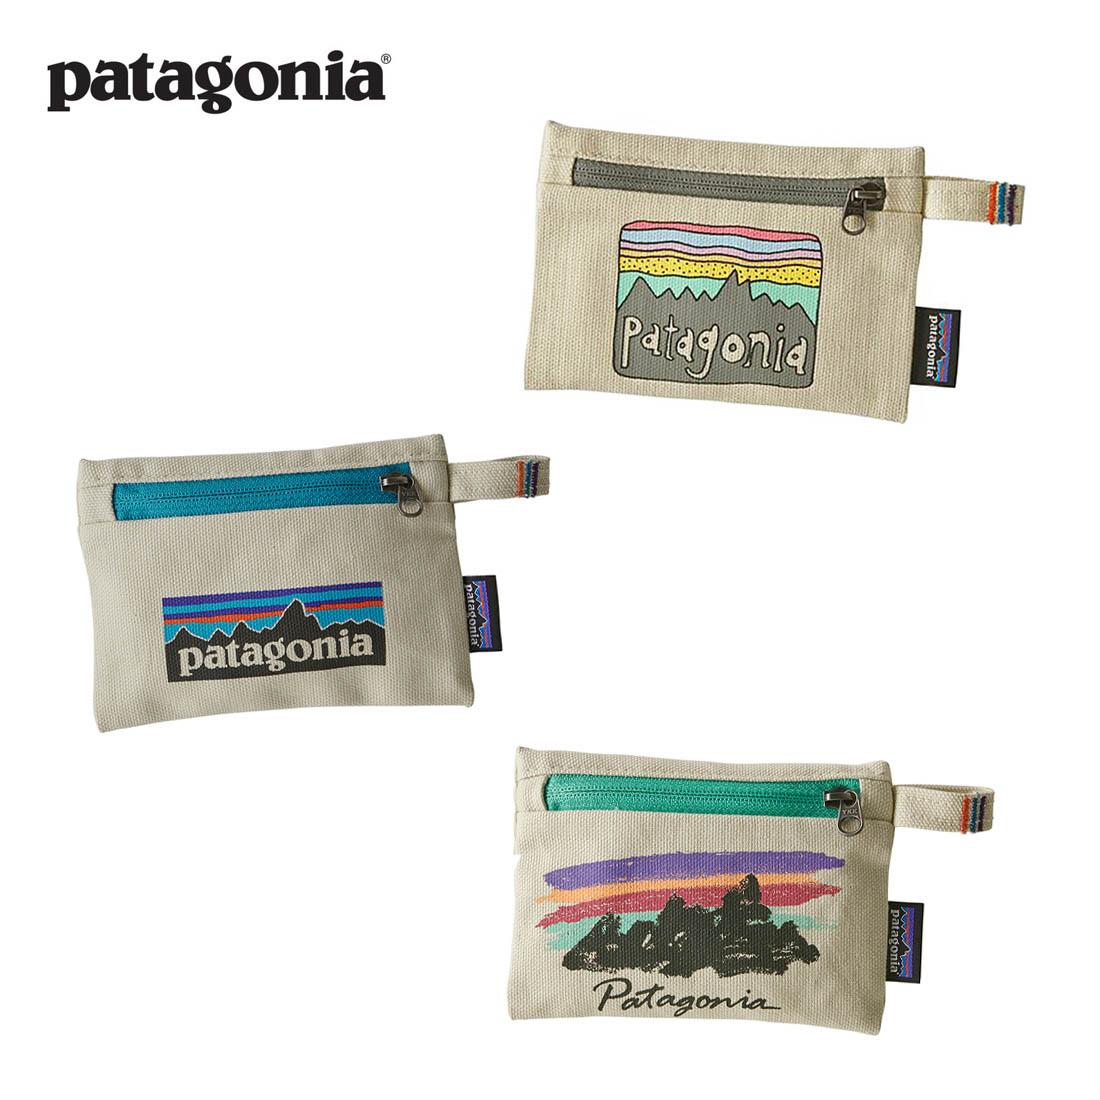 パタゴニア Patagonia Small Zippered Pouch  スモール・ジッパード・ポーチ 【メール便可】